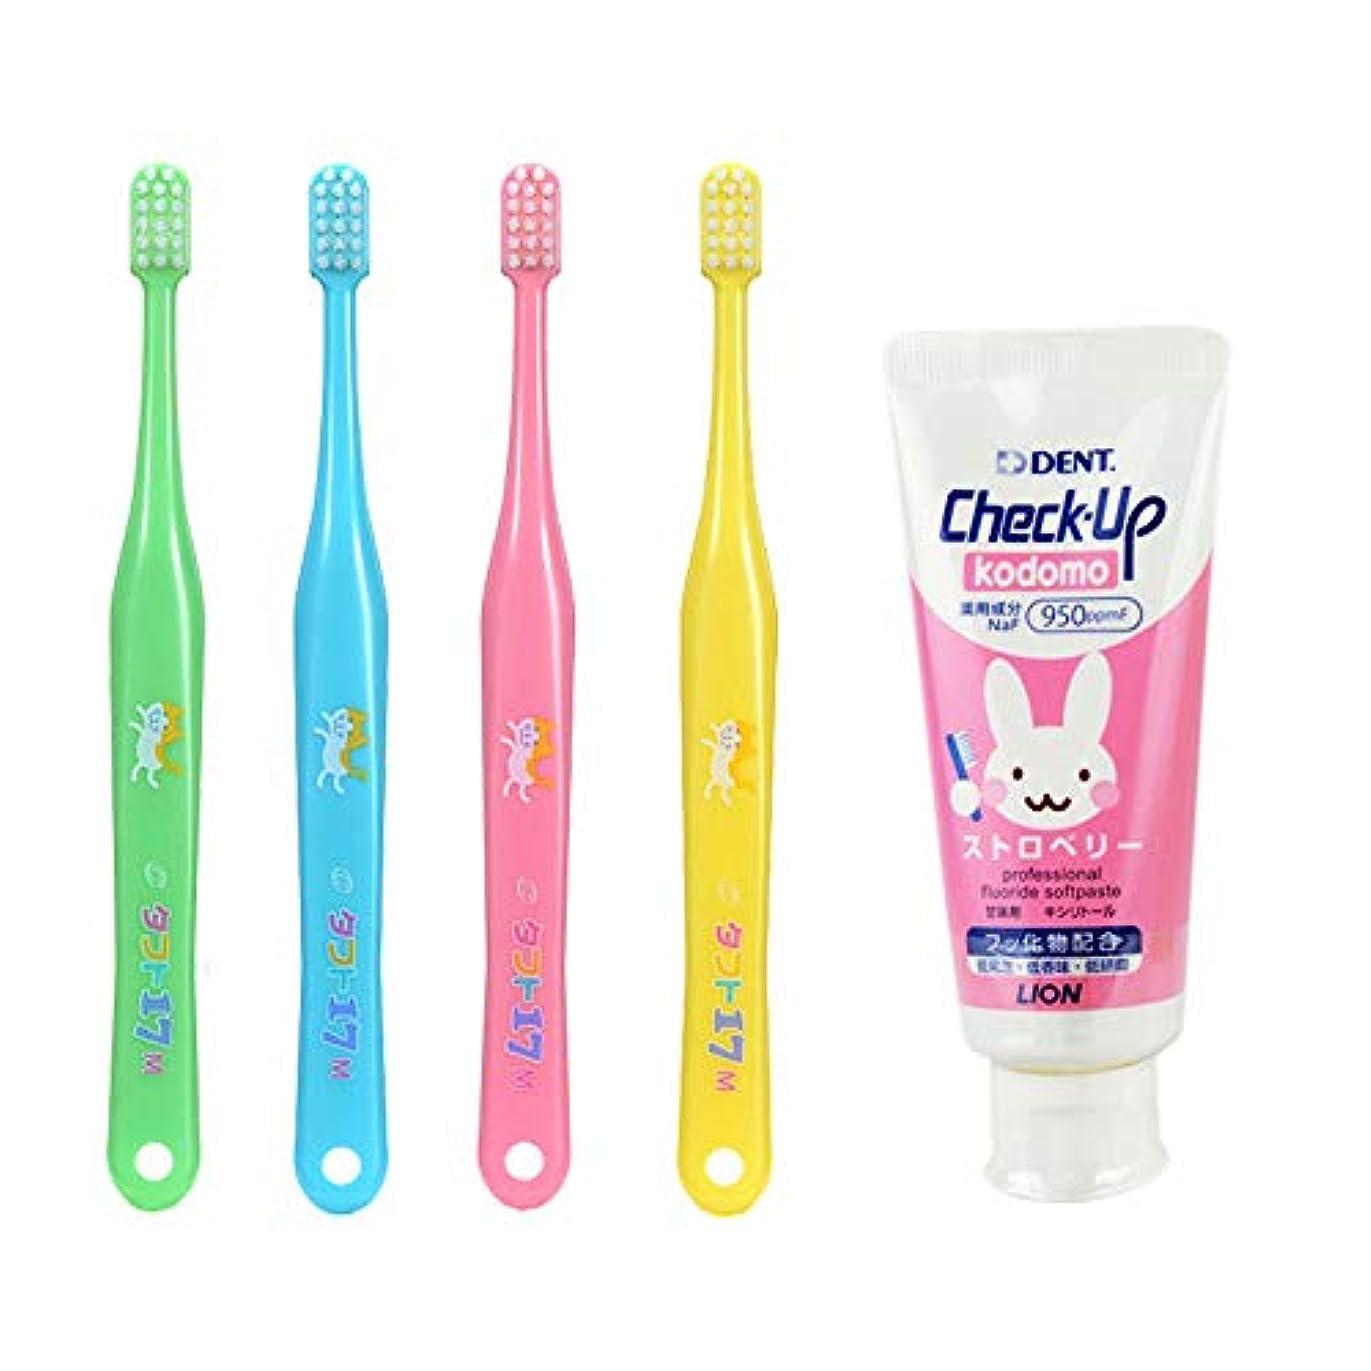 人間司法仮称タフト17 M(ふつう) 子ども 歯ブラシ 10本 + チェックアップ コドモ 60g (ストロベリー) 歯磨き粉 歯科専売品